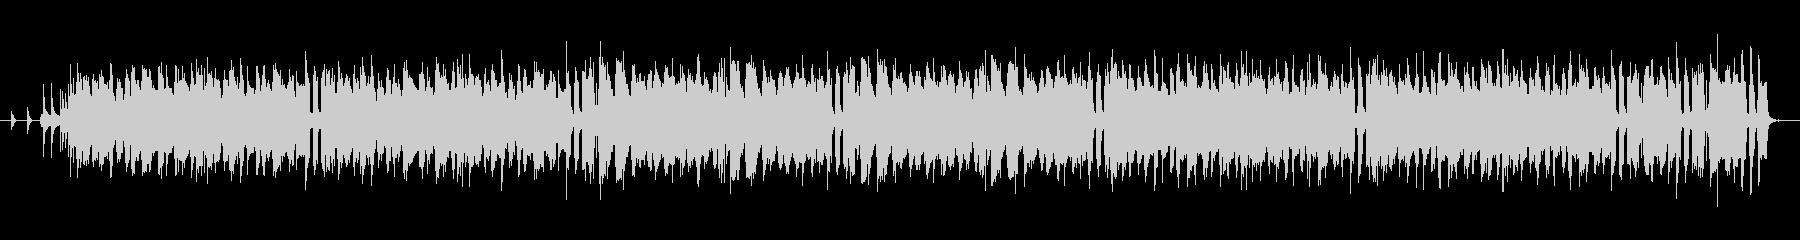 酒場イメージの軽快なケルト音楽の未再生の波形